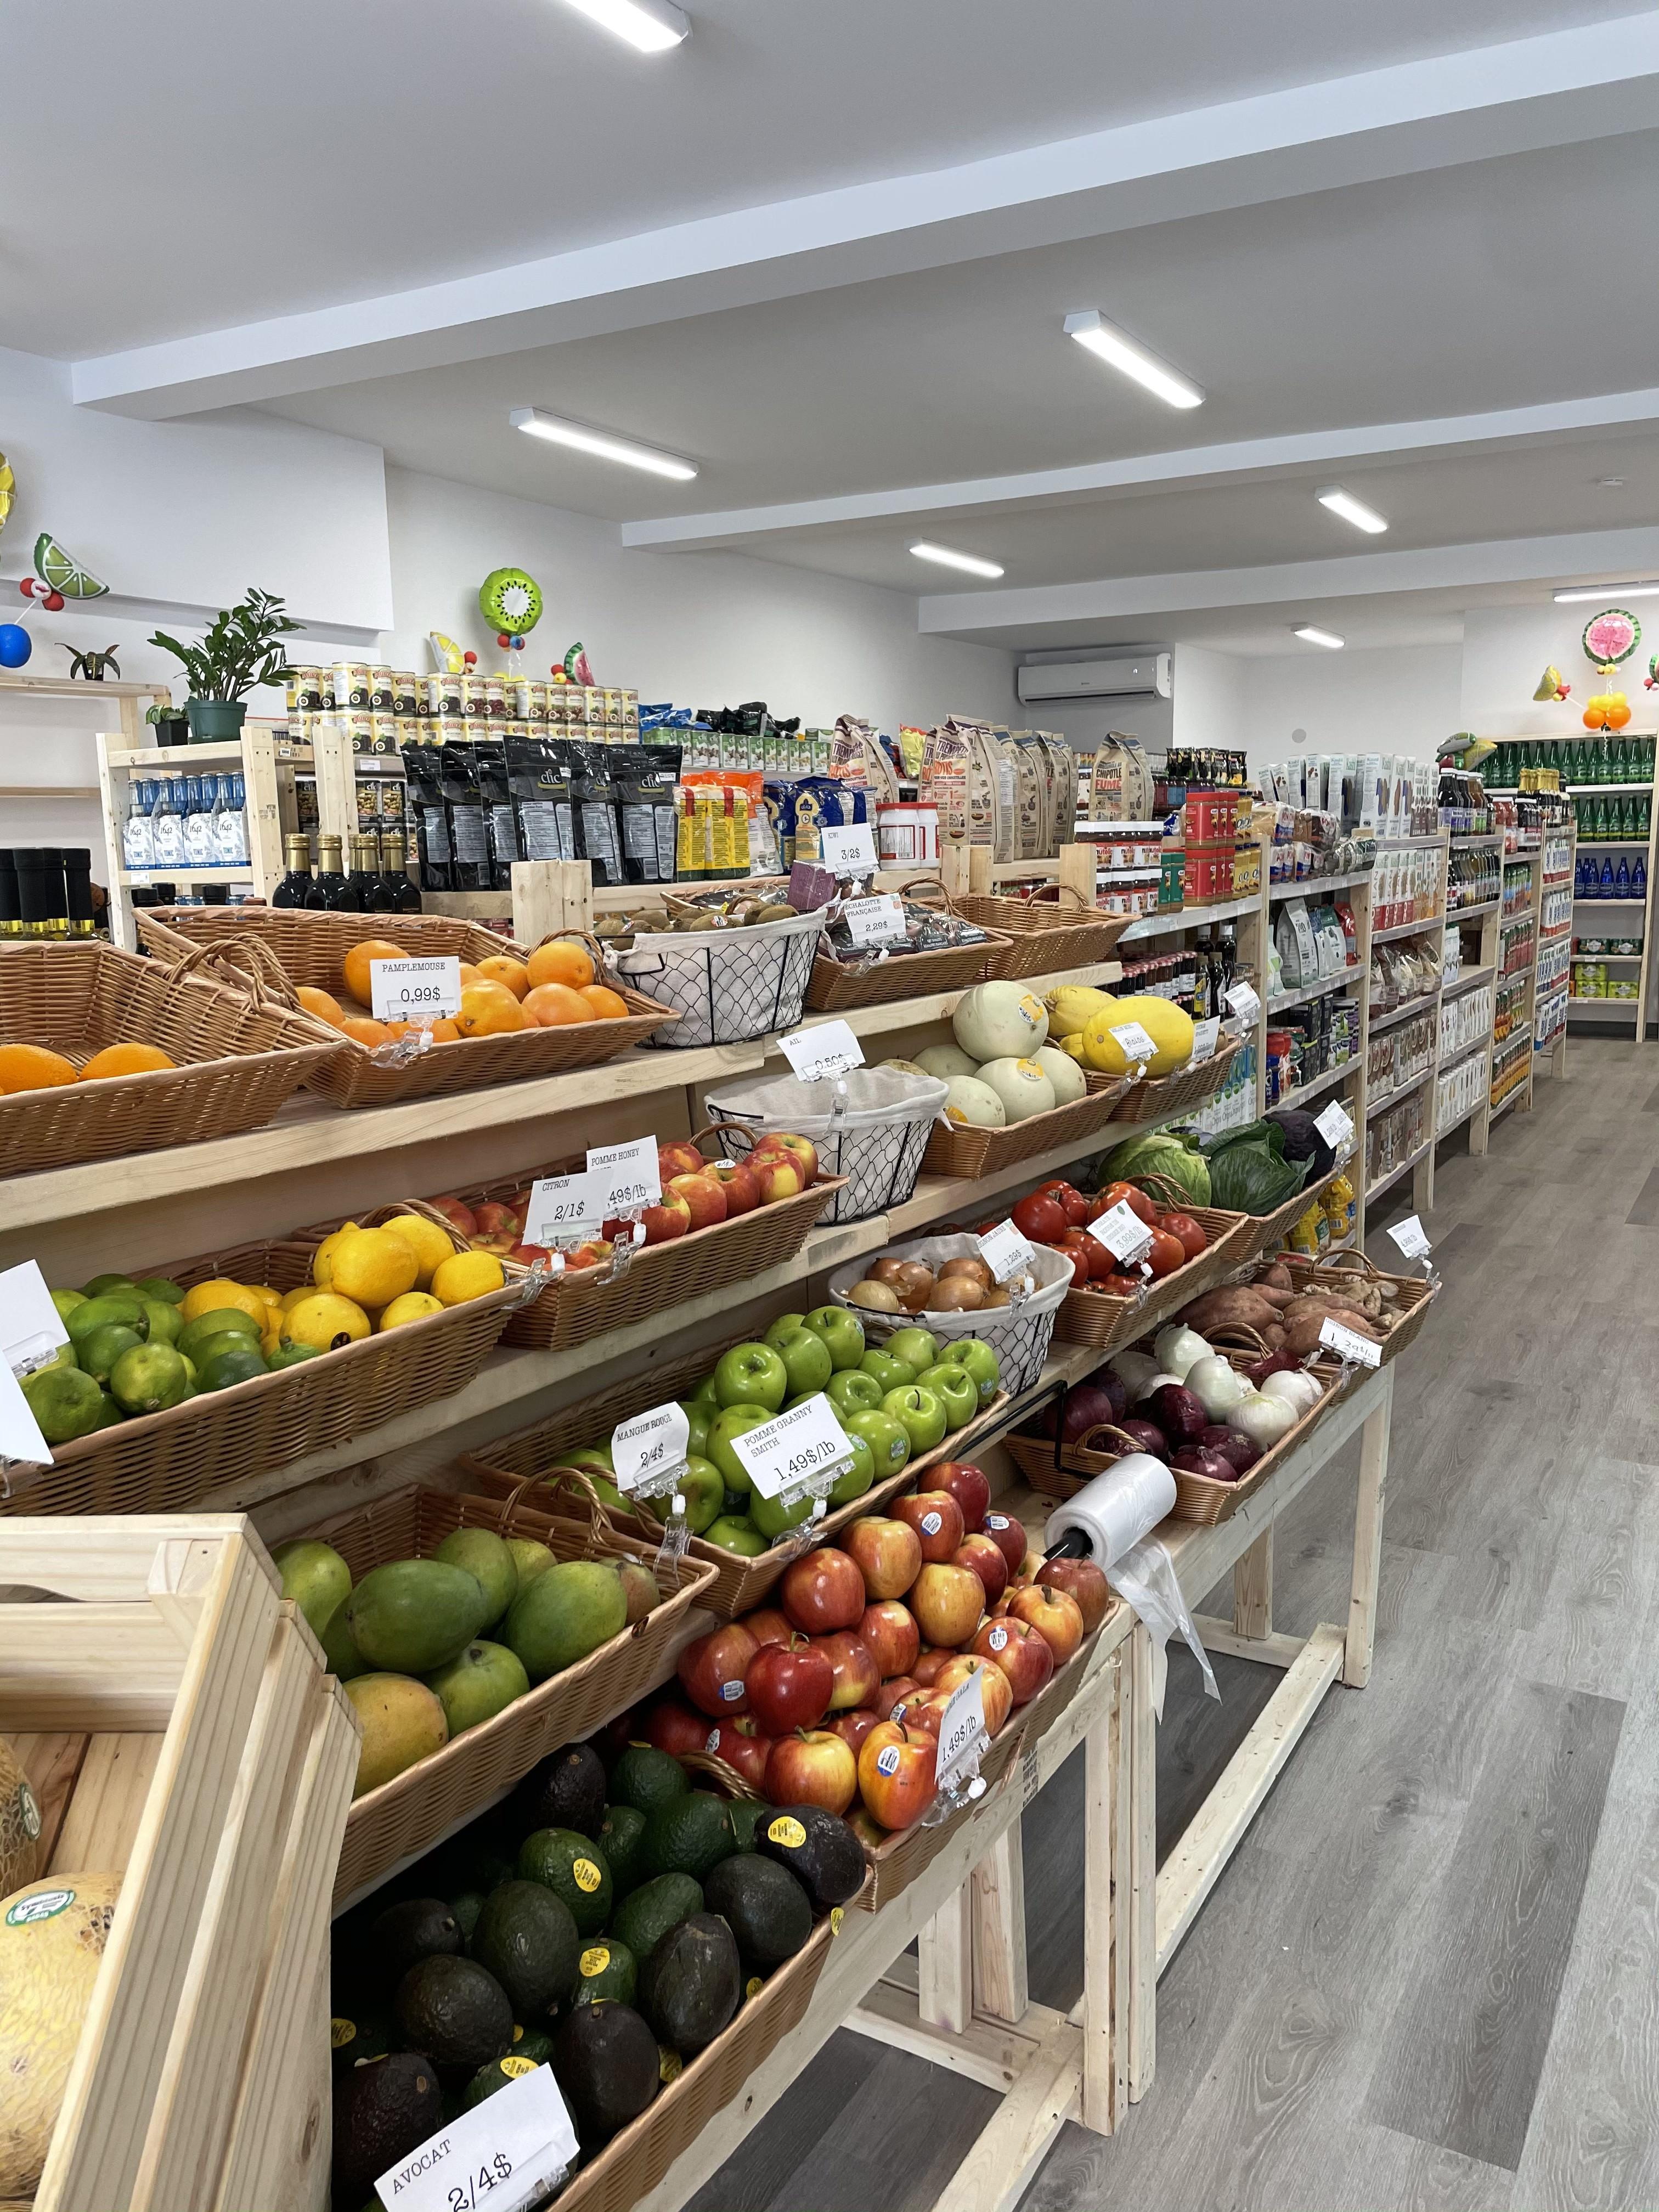 Vente Épicerie fine avec des produits biologiques, Montréal au Canada